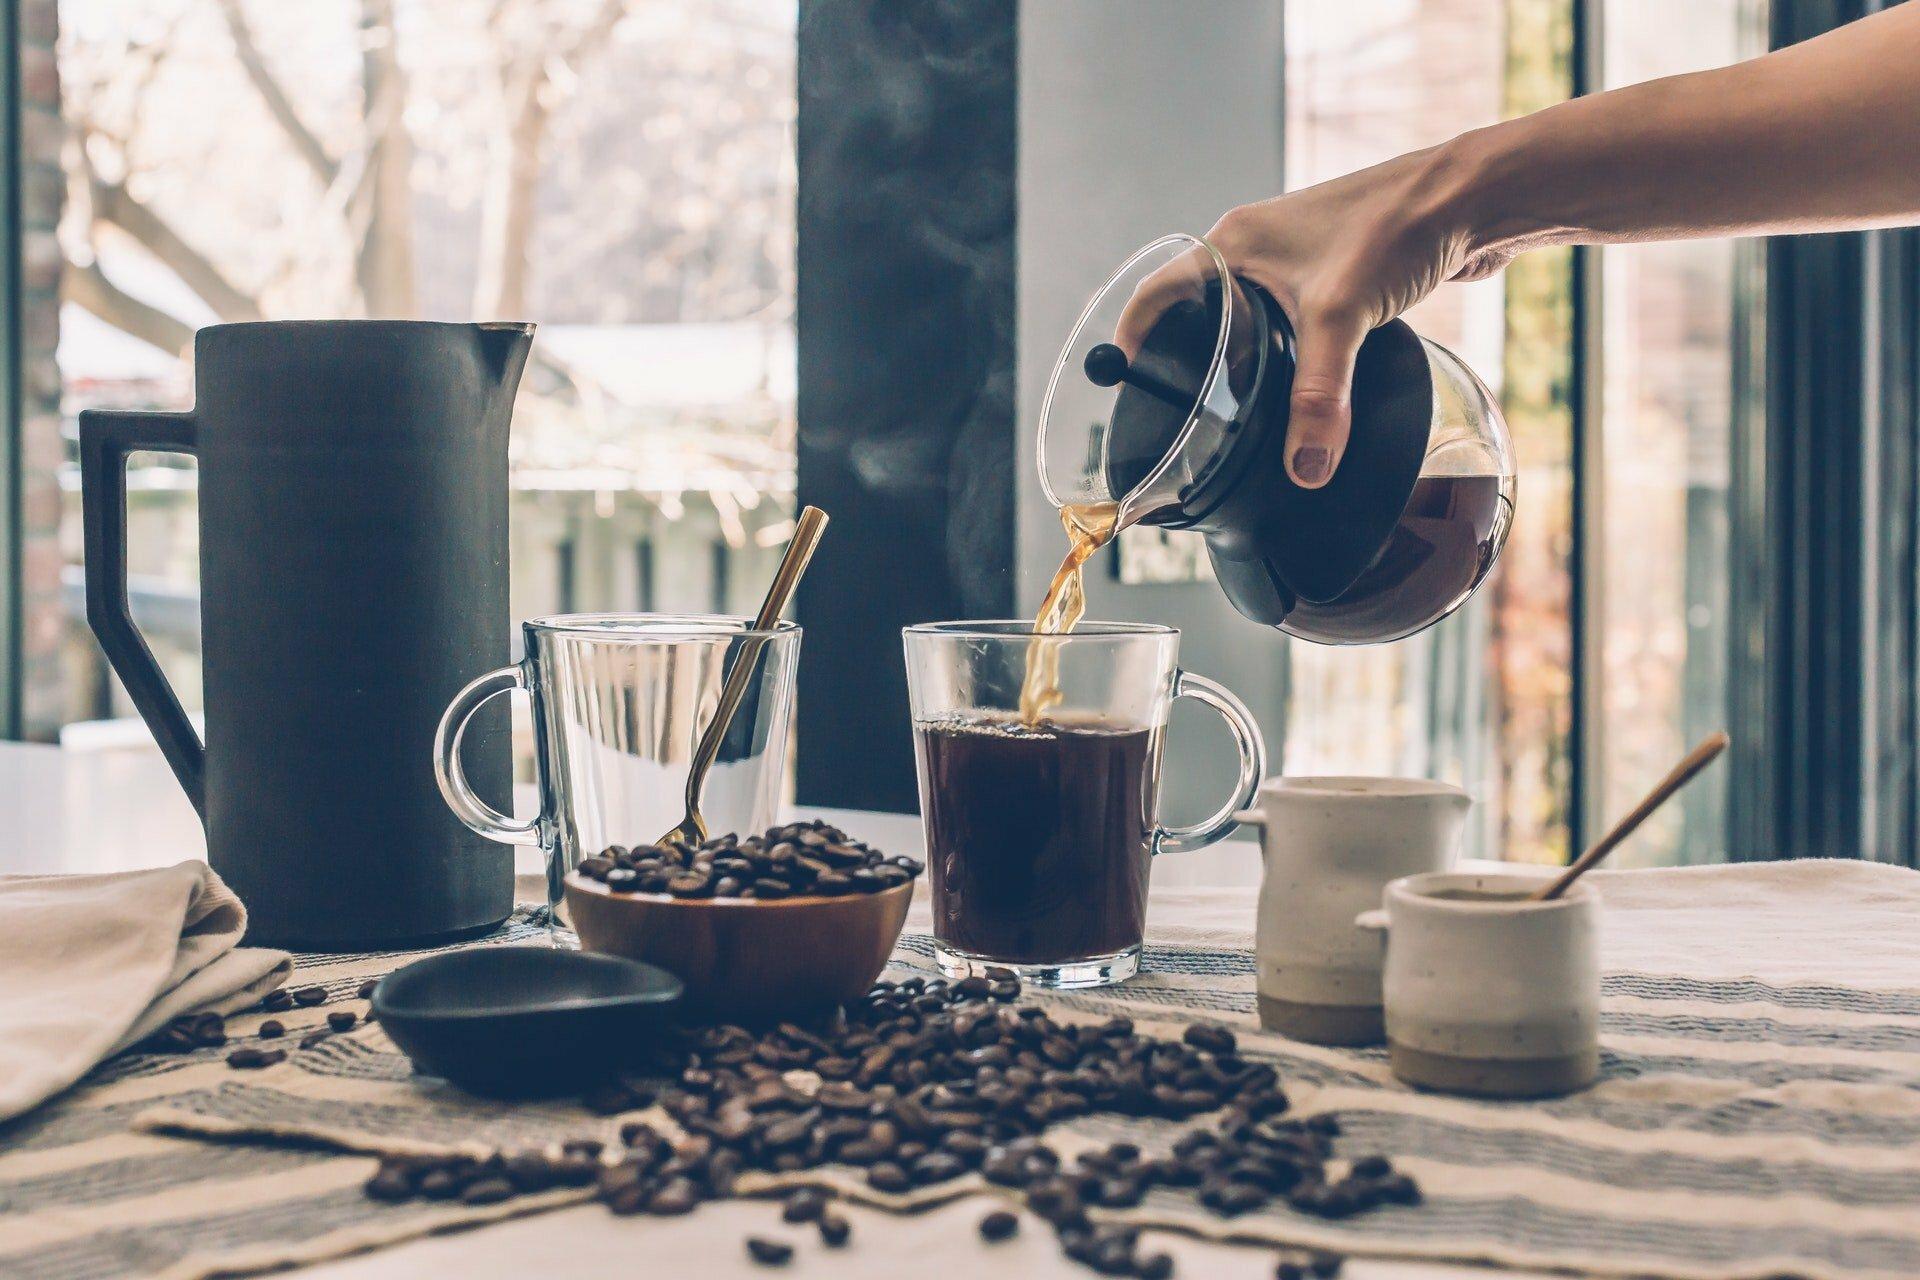 Cà phê có thể gây ra lo âu hoặc trầm cảm không? 1